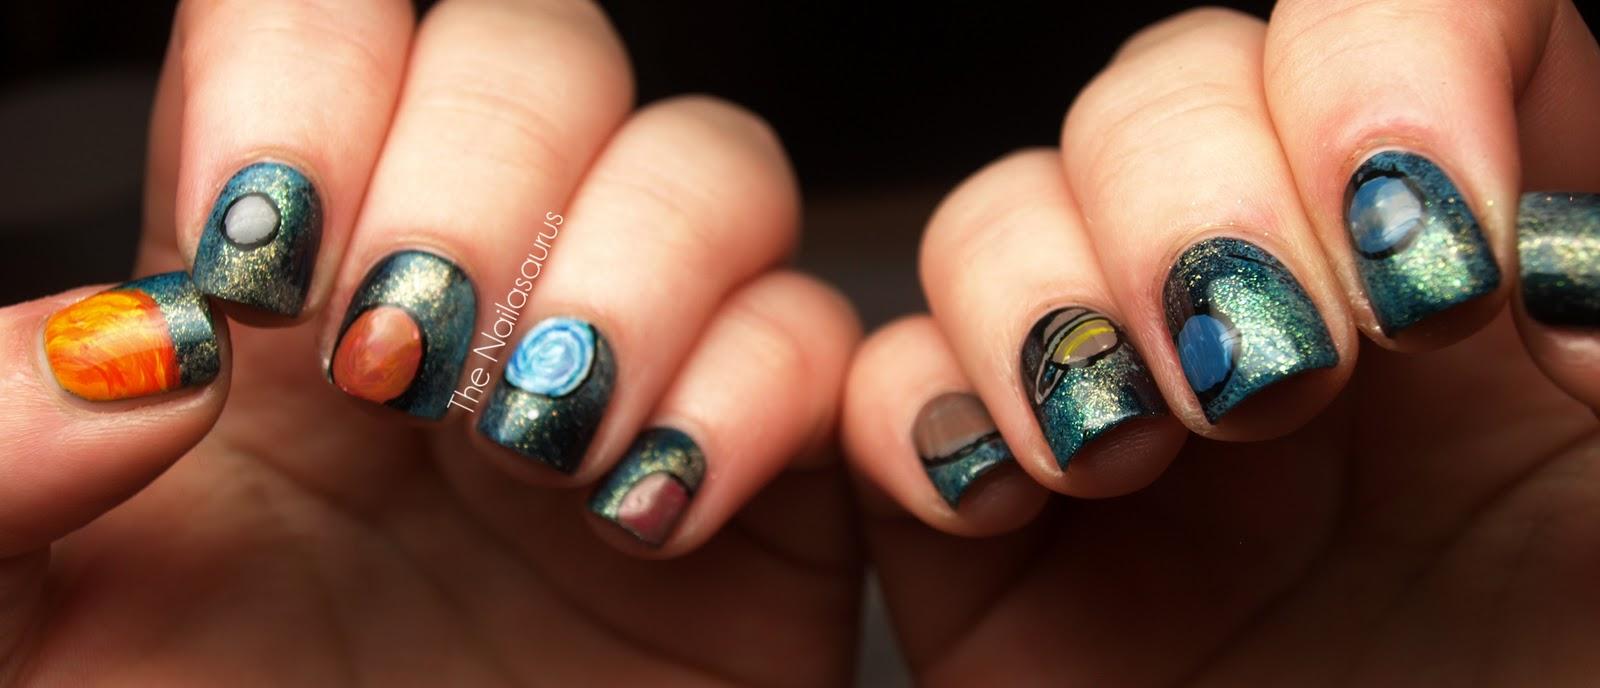 Galaxy Nails… Literally